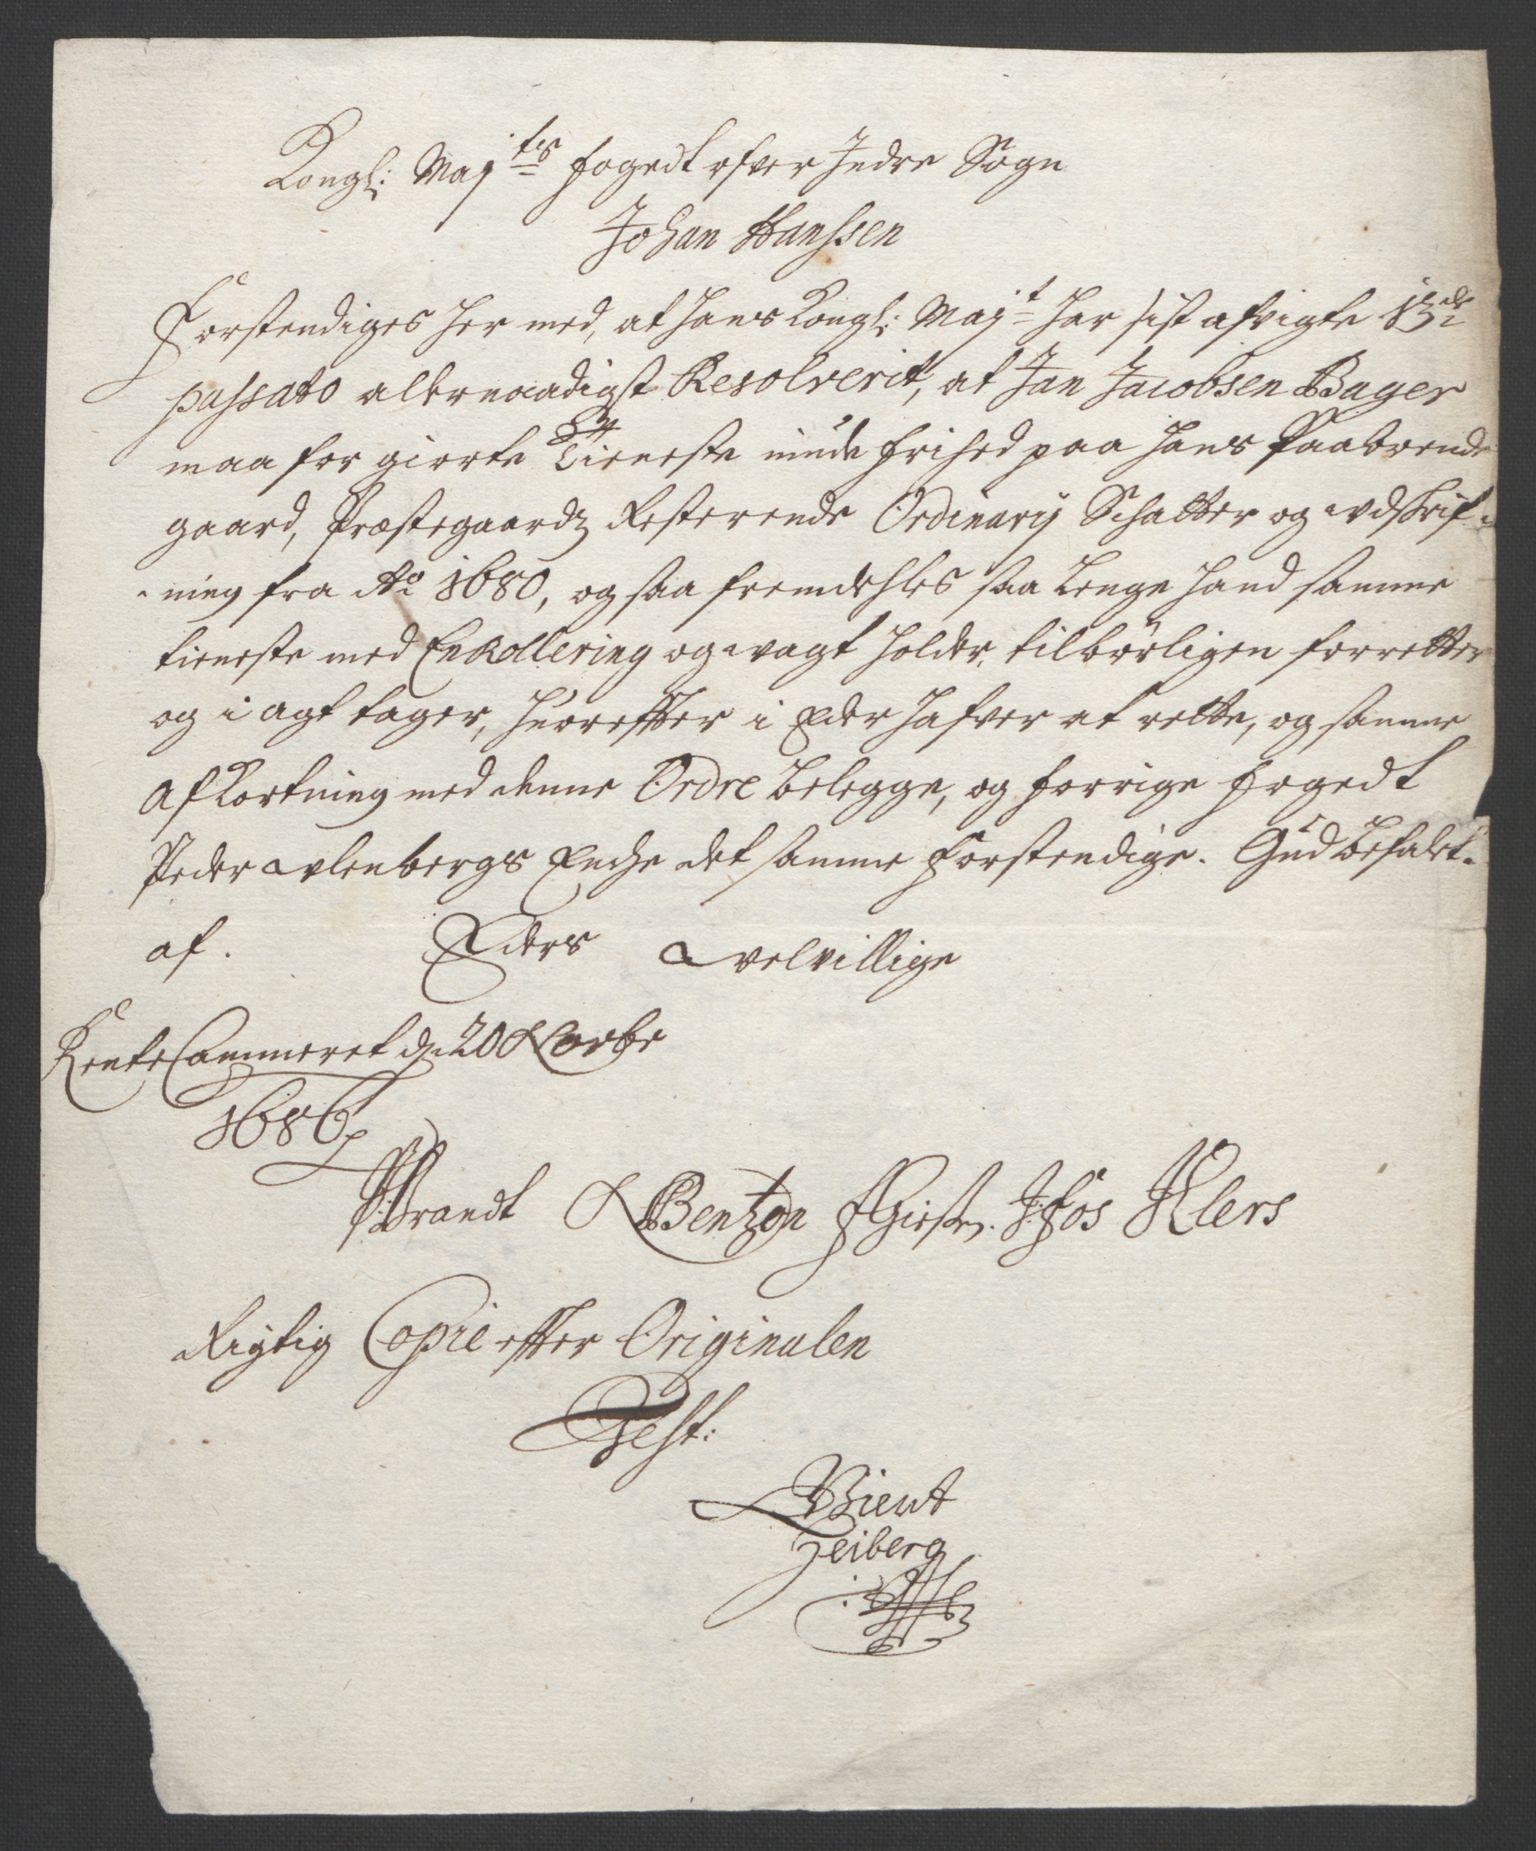 RA, Rentekammeret inntil 1814, Reviderte regnskaper, Fogderegnskap, R52/L3306: Fogderegnskap Sogn, 1691-1692, s. 241